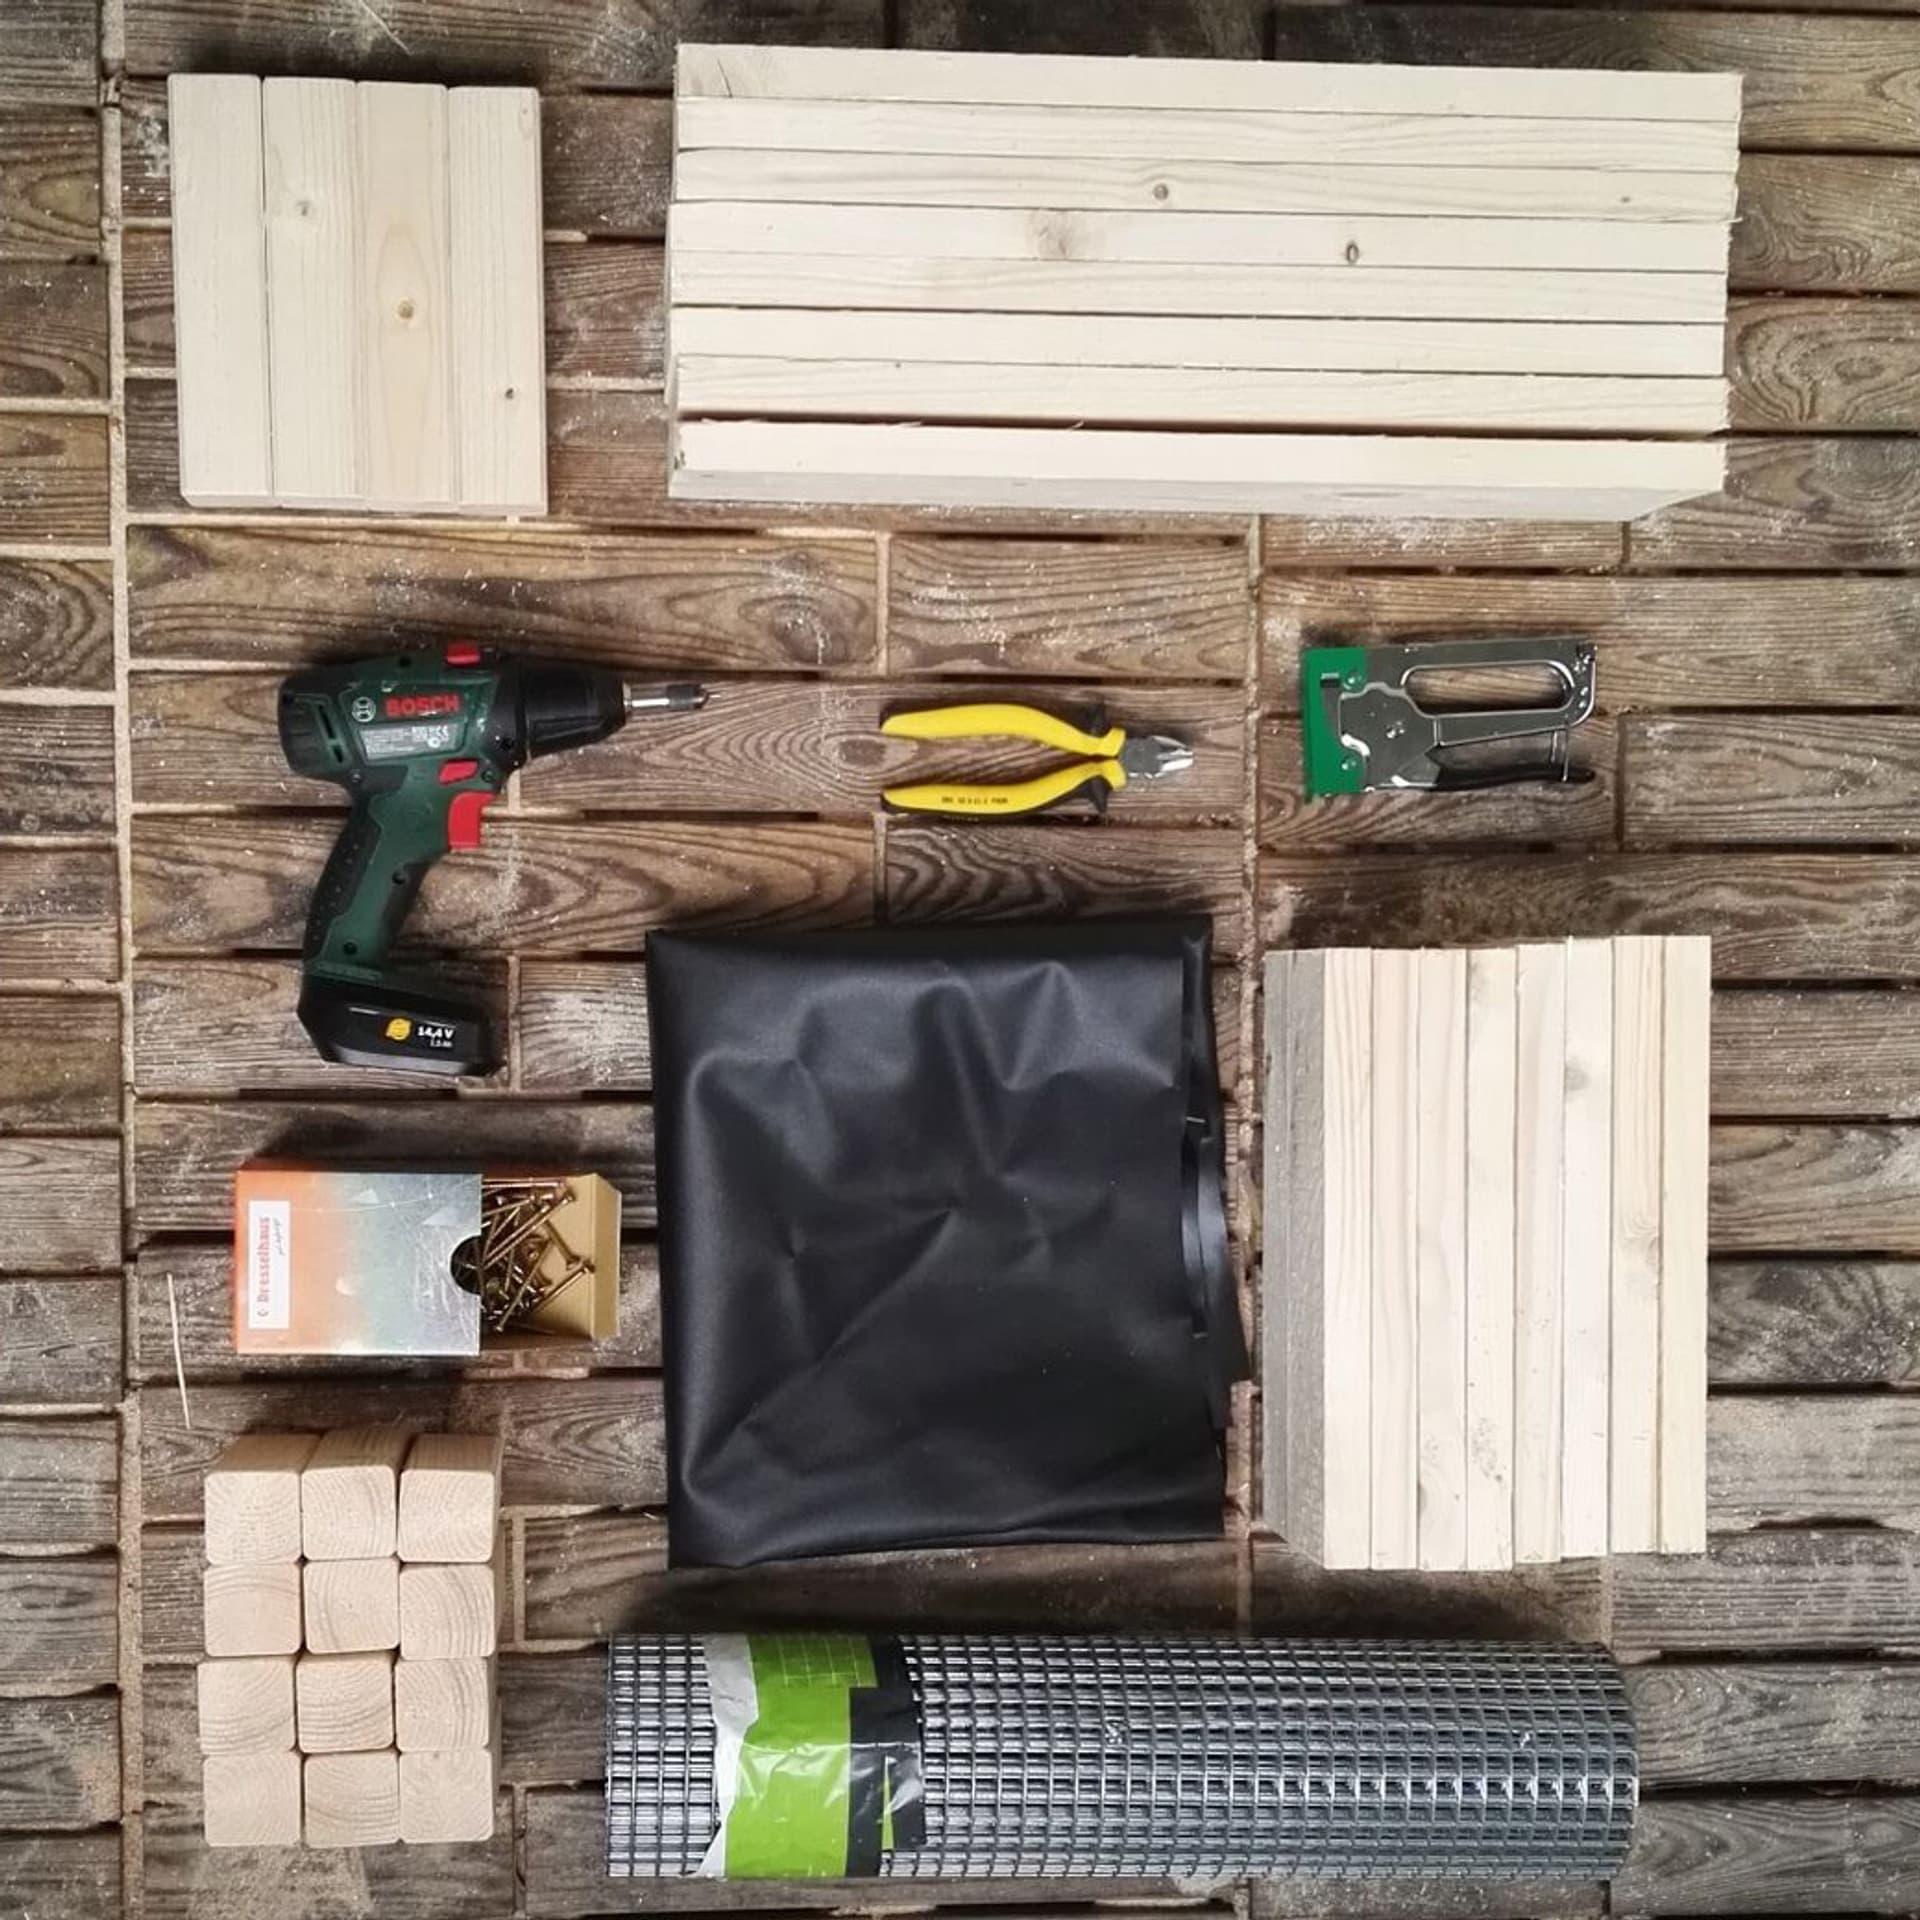 Material, um eine Wurmkiste zu bauen: Tacker, Teichfolie, Bretter, Kaninchendraht